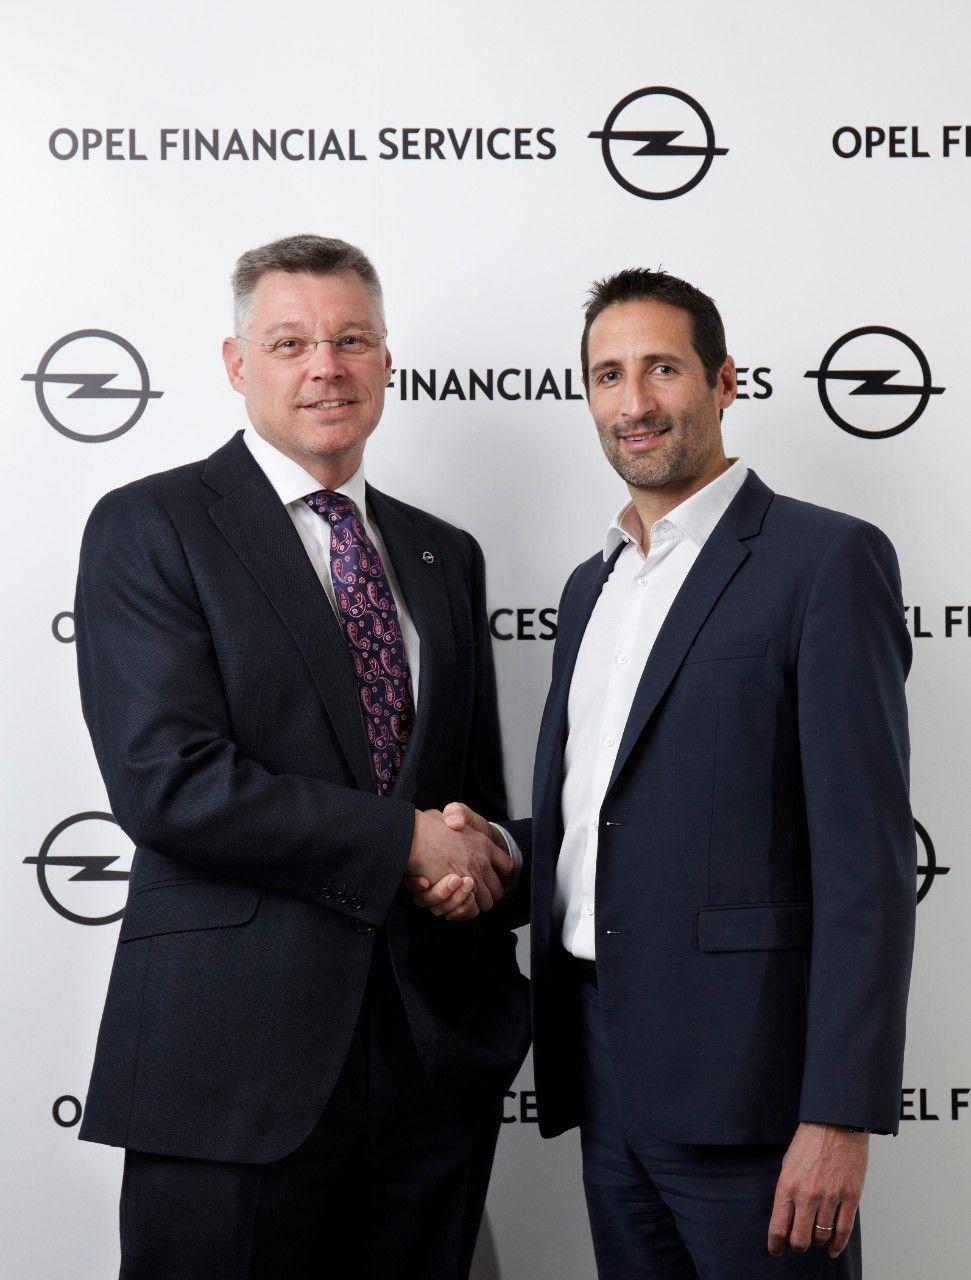 Opel lanza su propia actividad financiera en España: Opel Financial Services